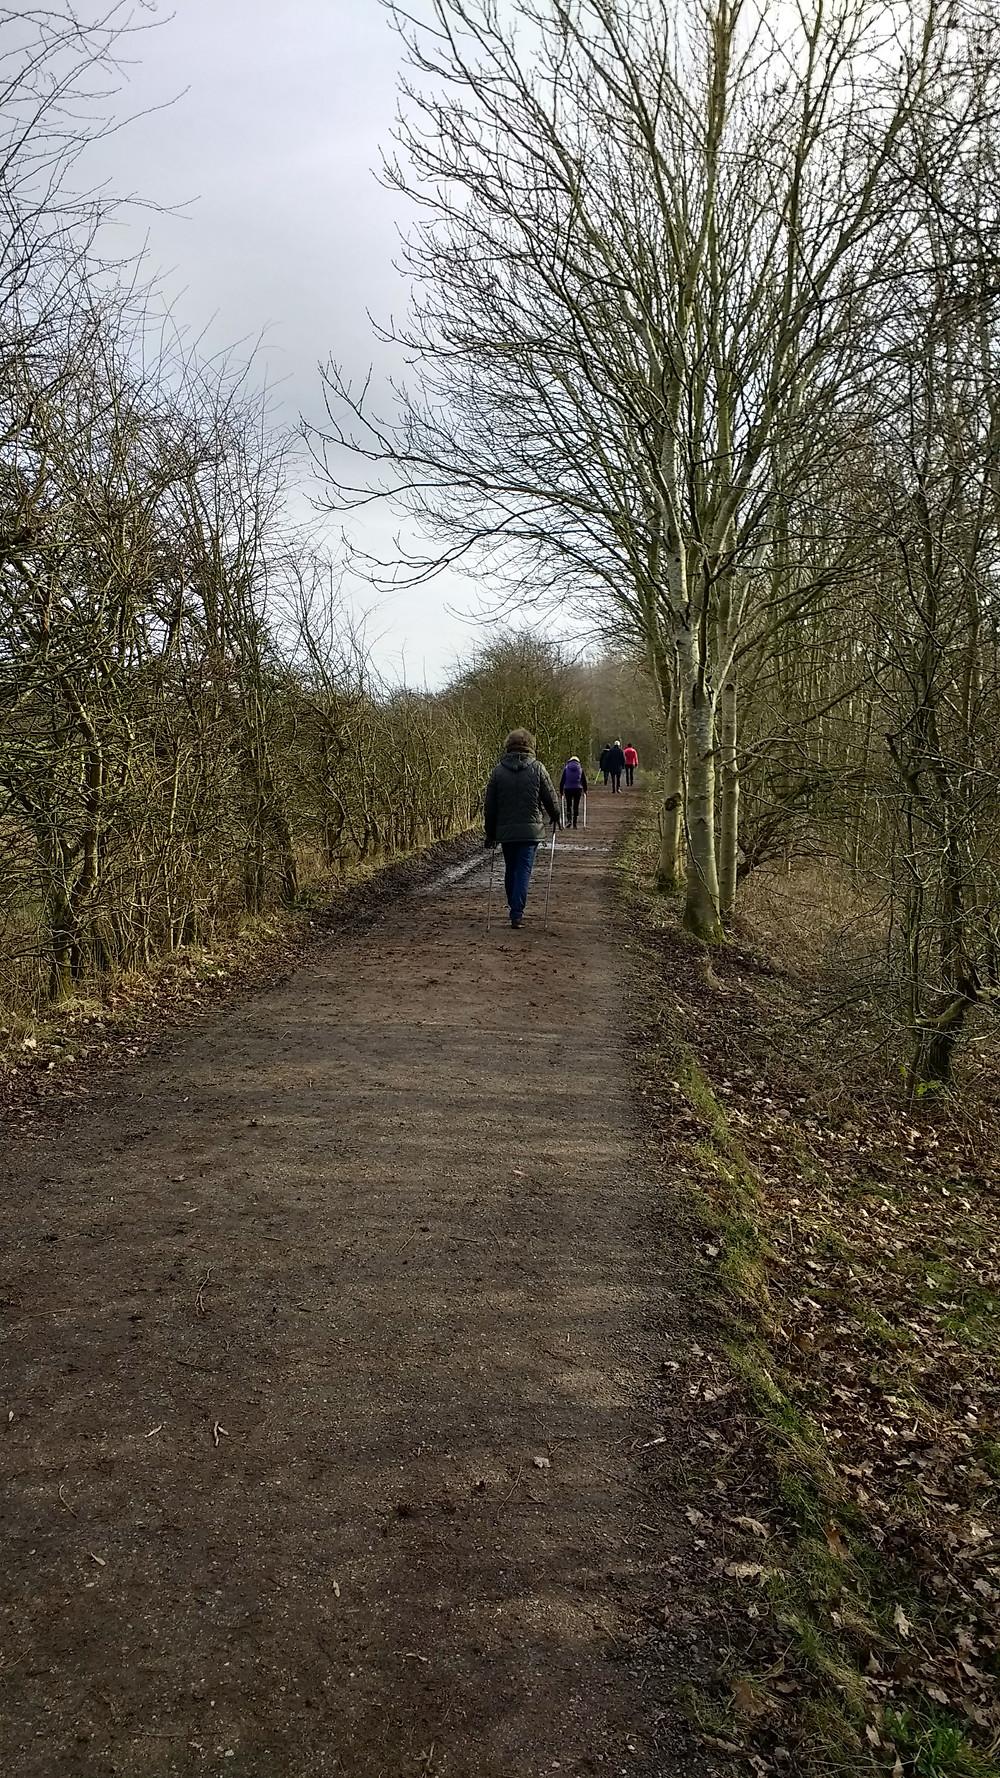 Winter Nordic Walking in Fletcher Moss Park, Didsbury